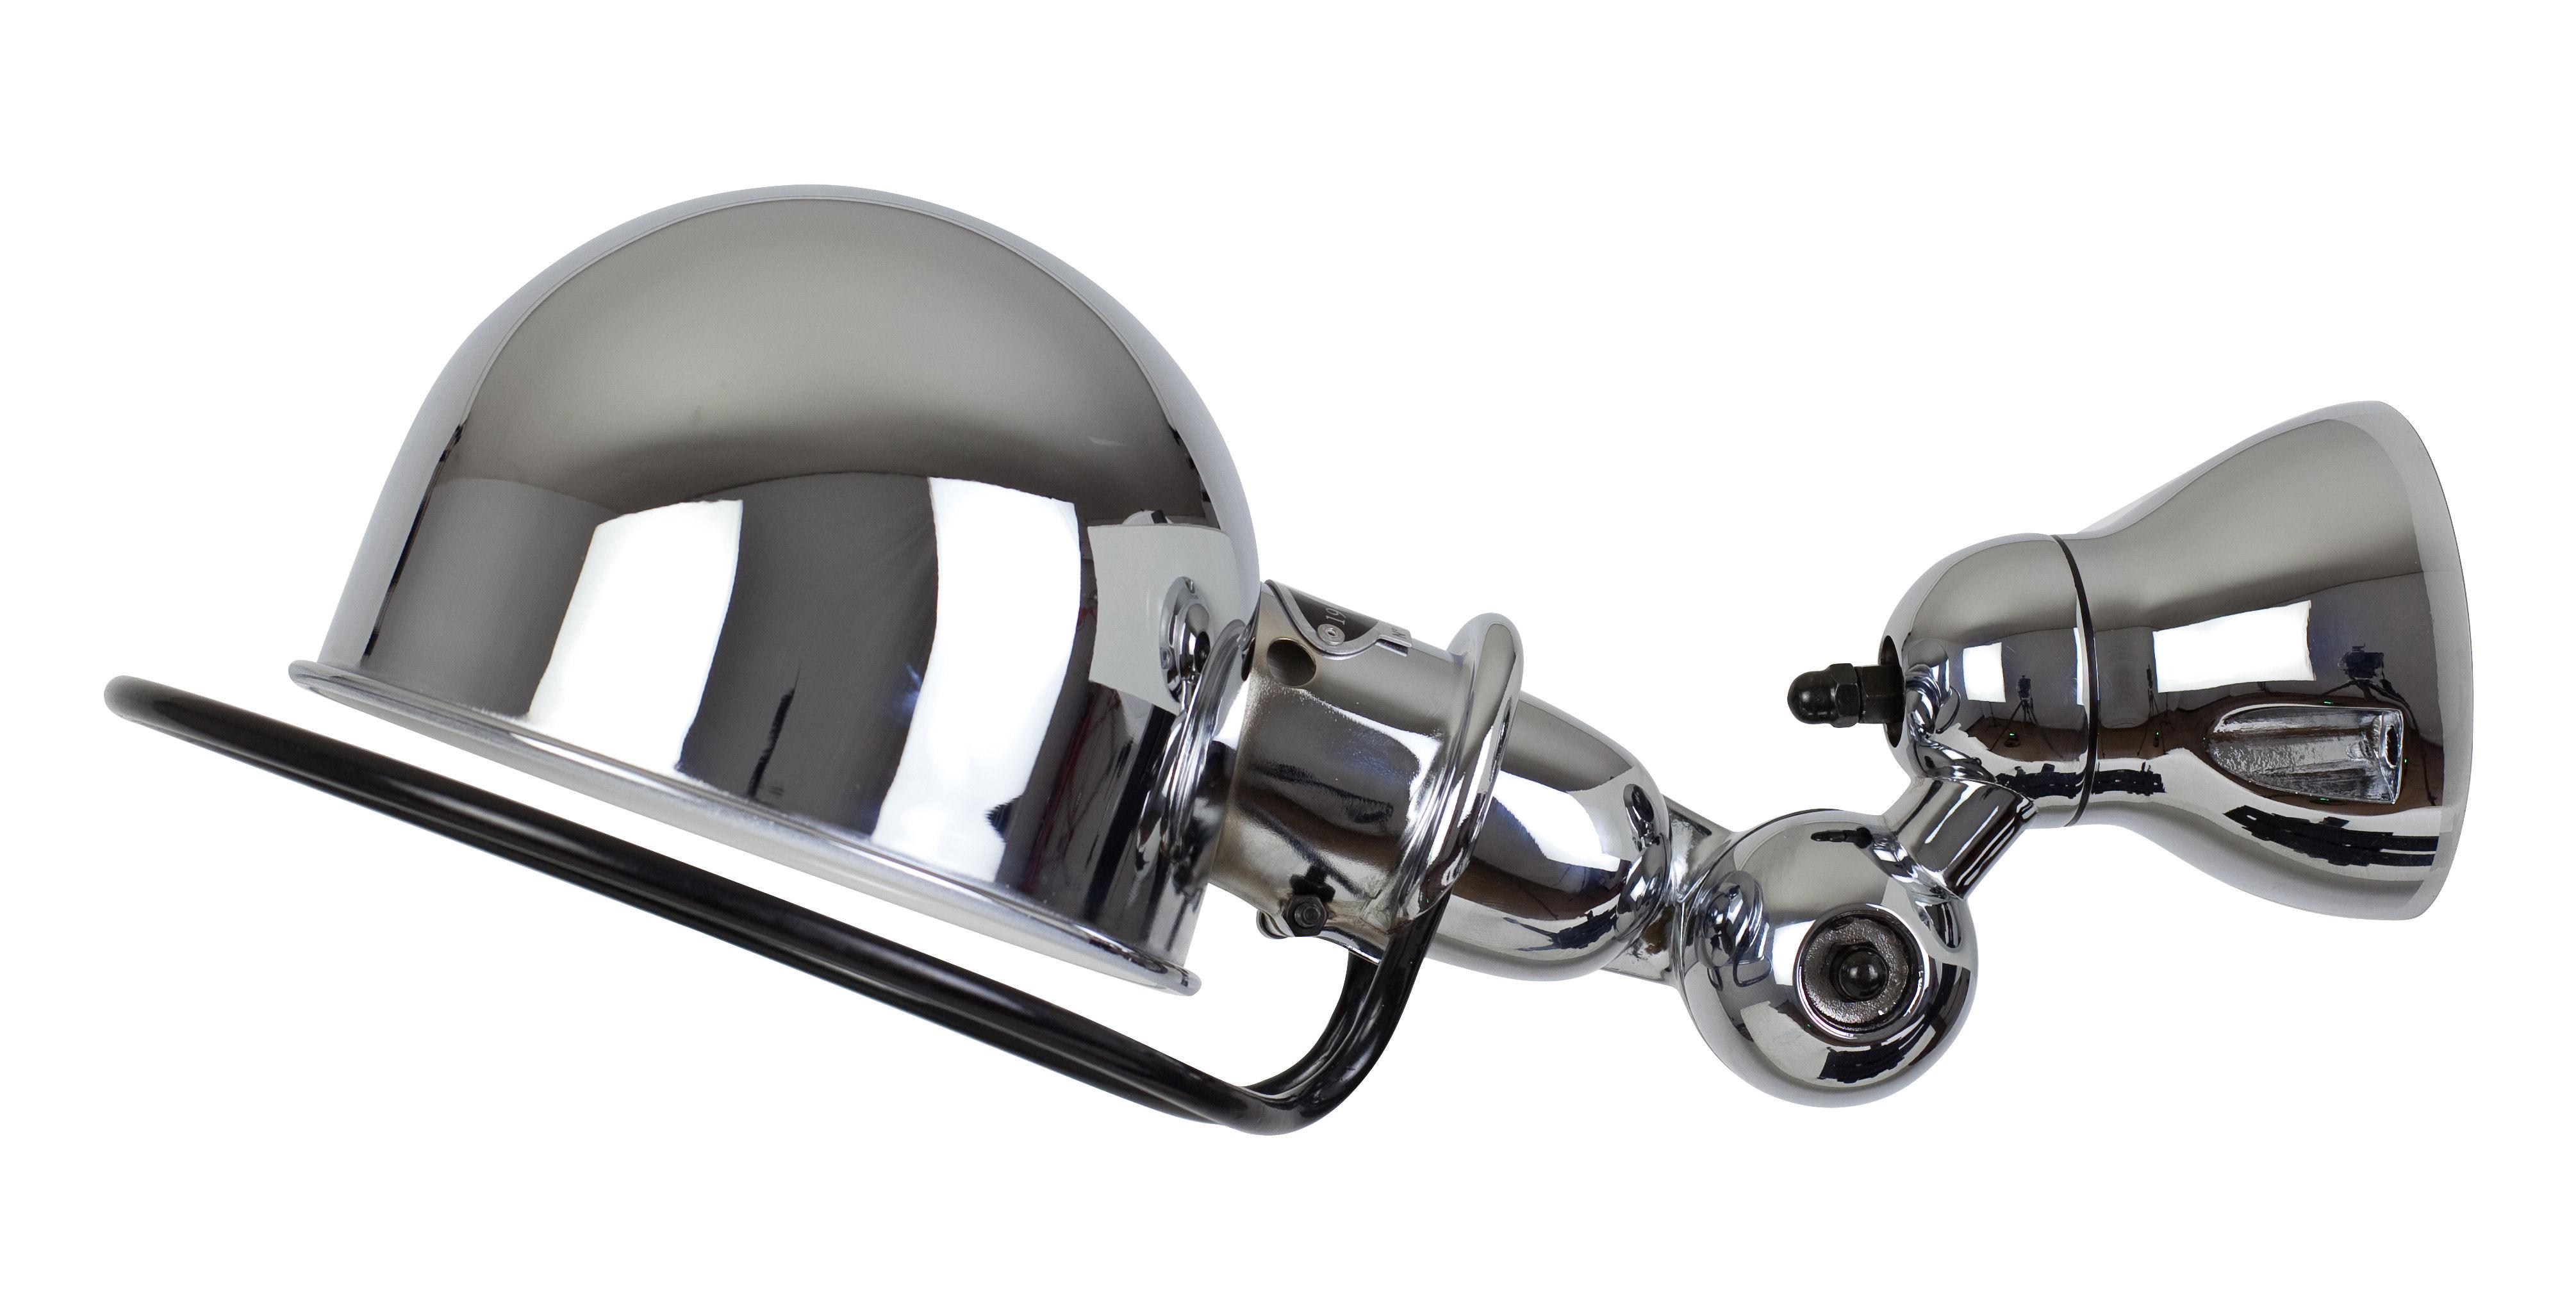 Luminaire - Appliques - Applique Loft Ø 15 cm - Jieldé - Chromé brillant - Acier inoxydable chromé